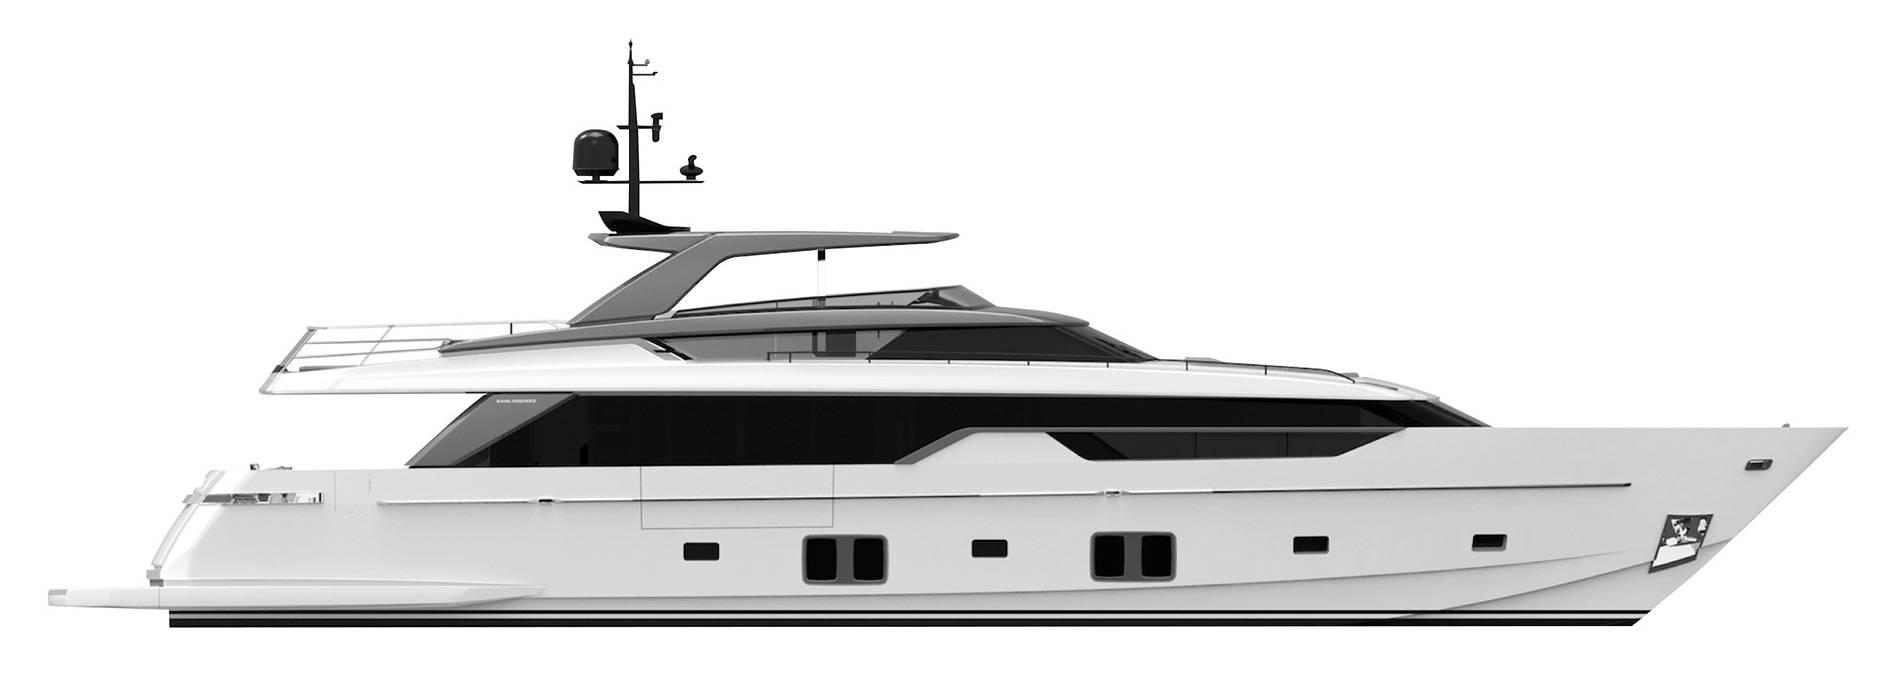 Sanlorenzo Yachts SL102 Asymmetric Profilo